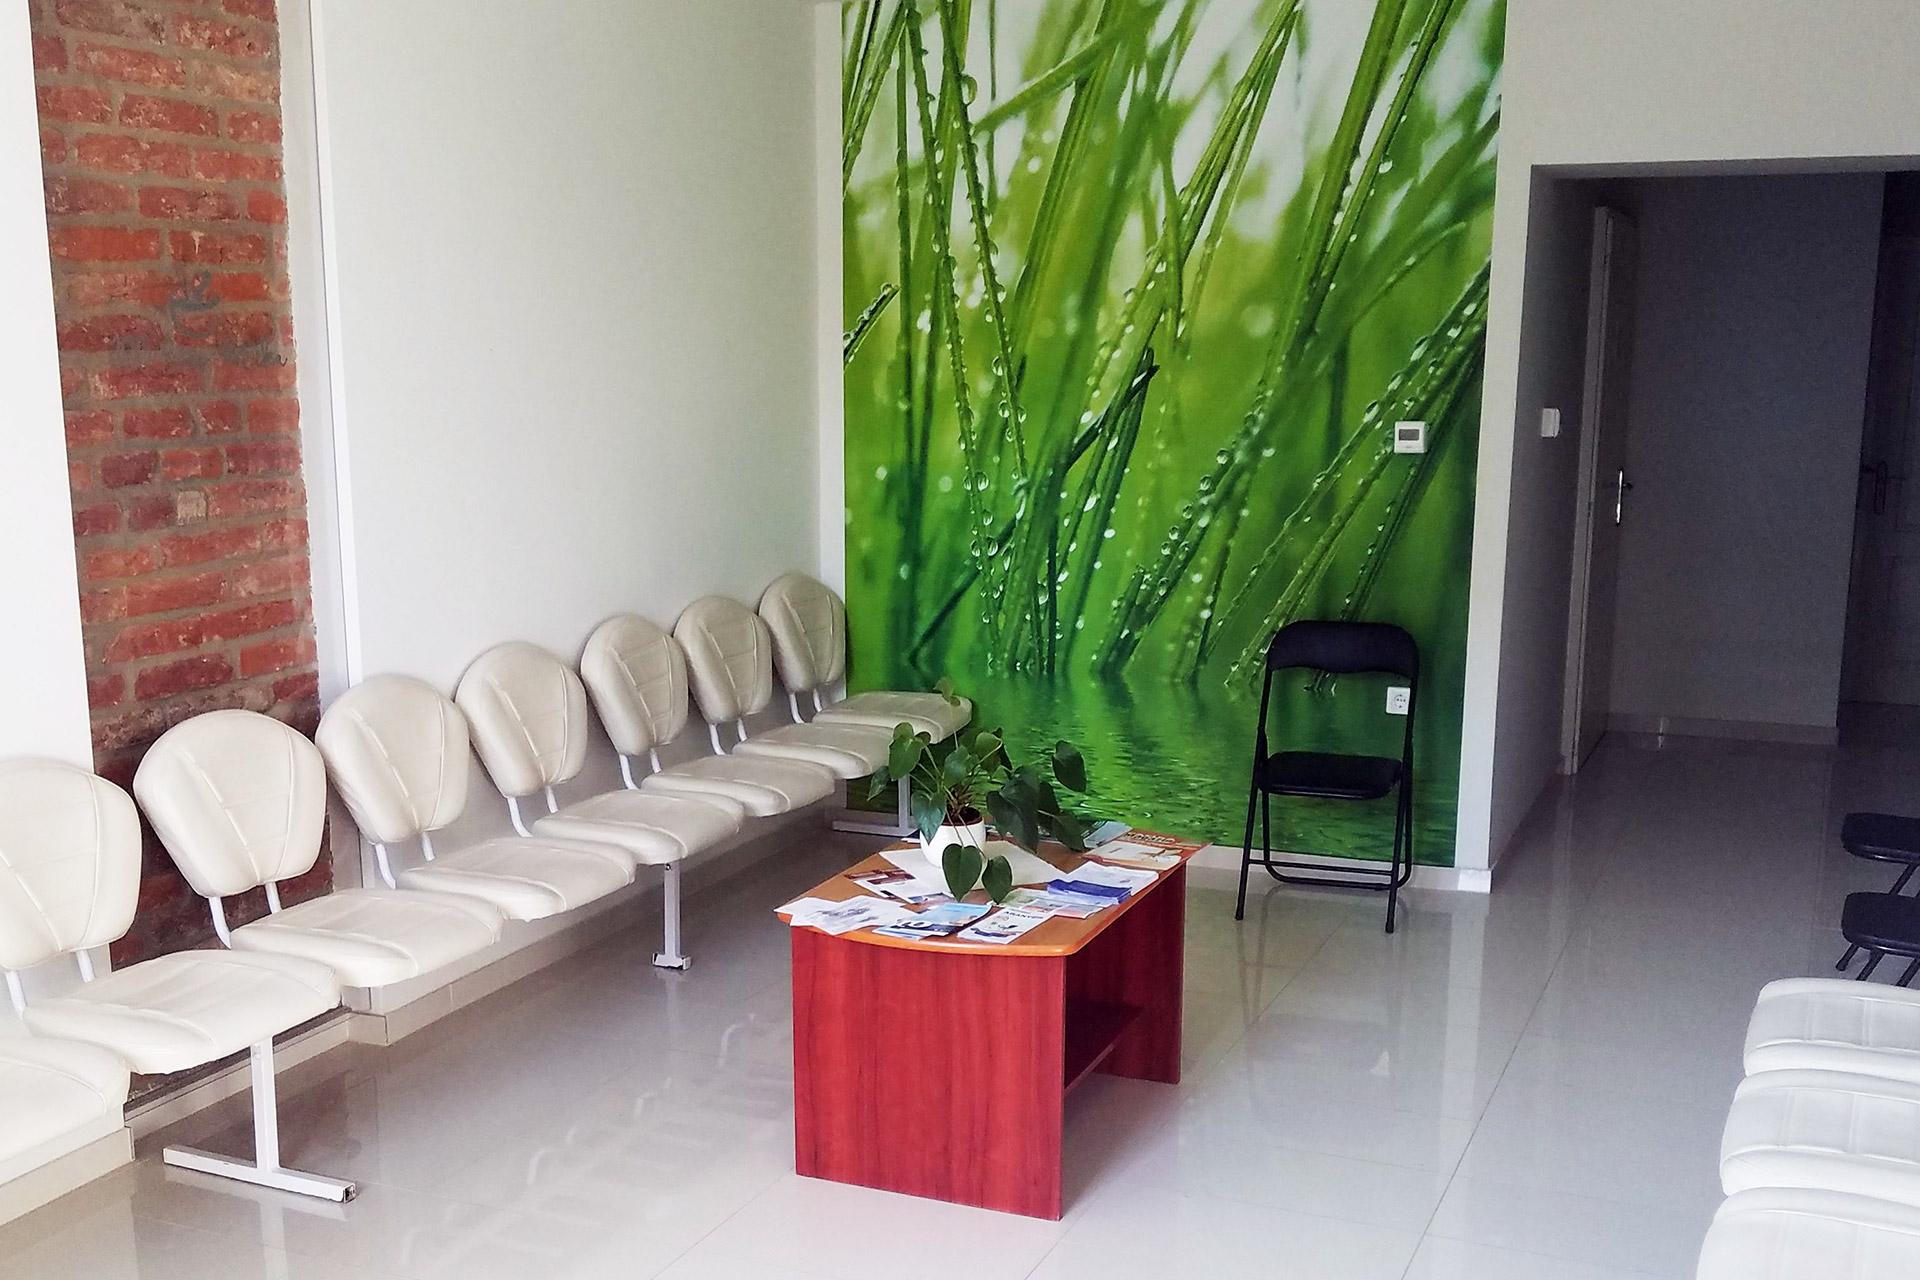 Bőrgyógyász Nyíregyháza rendelő